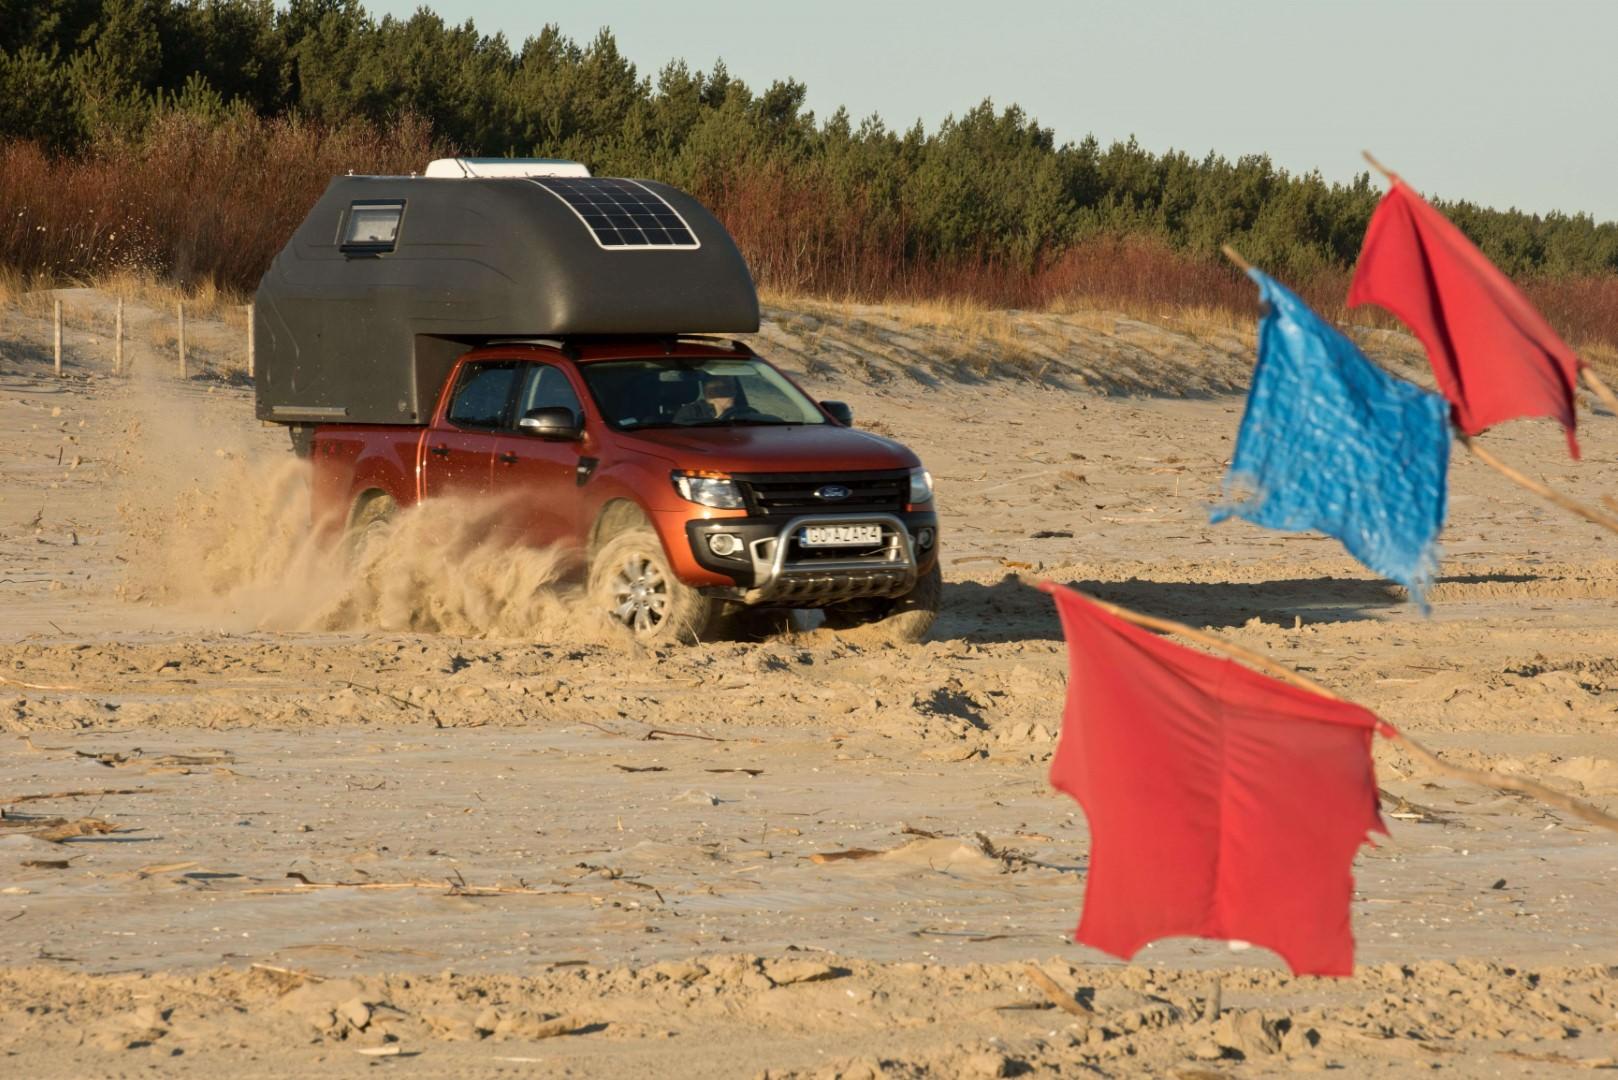 AZAR4 - Entwicklung eines Camper für 4x4 Pickup - DSC5760 D01 min - Wo liegt der Schwerpunkt der AZAR4-Kabine?